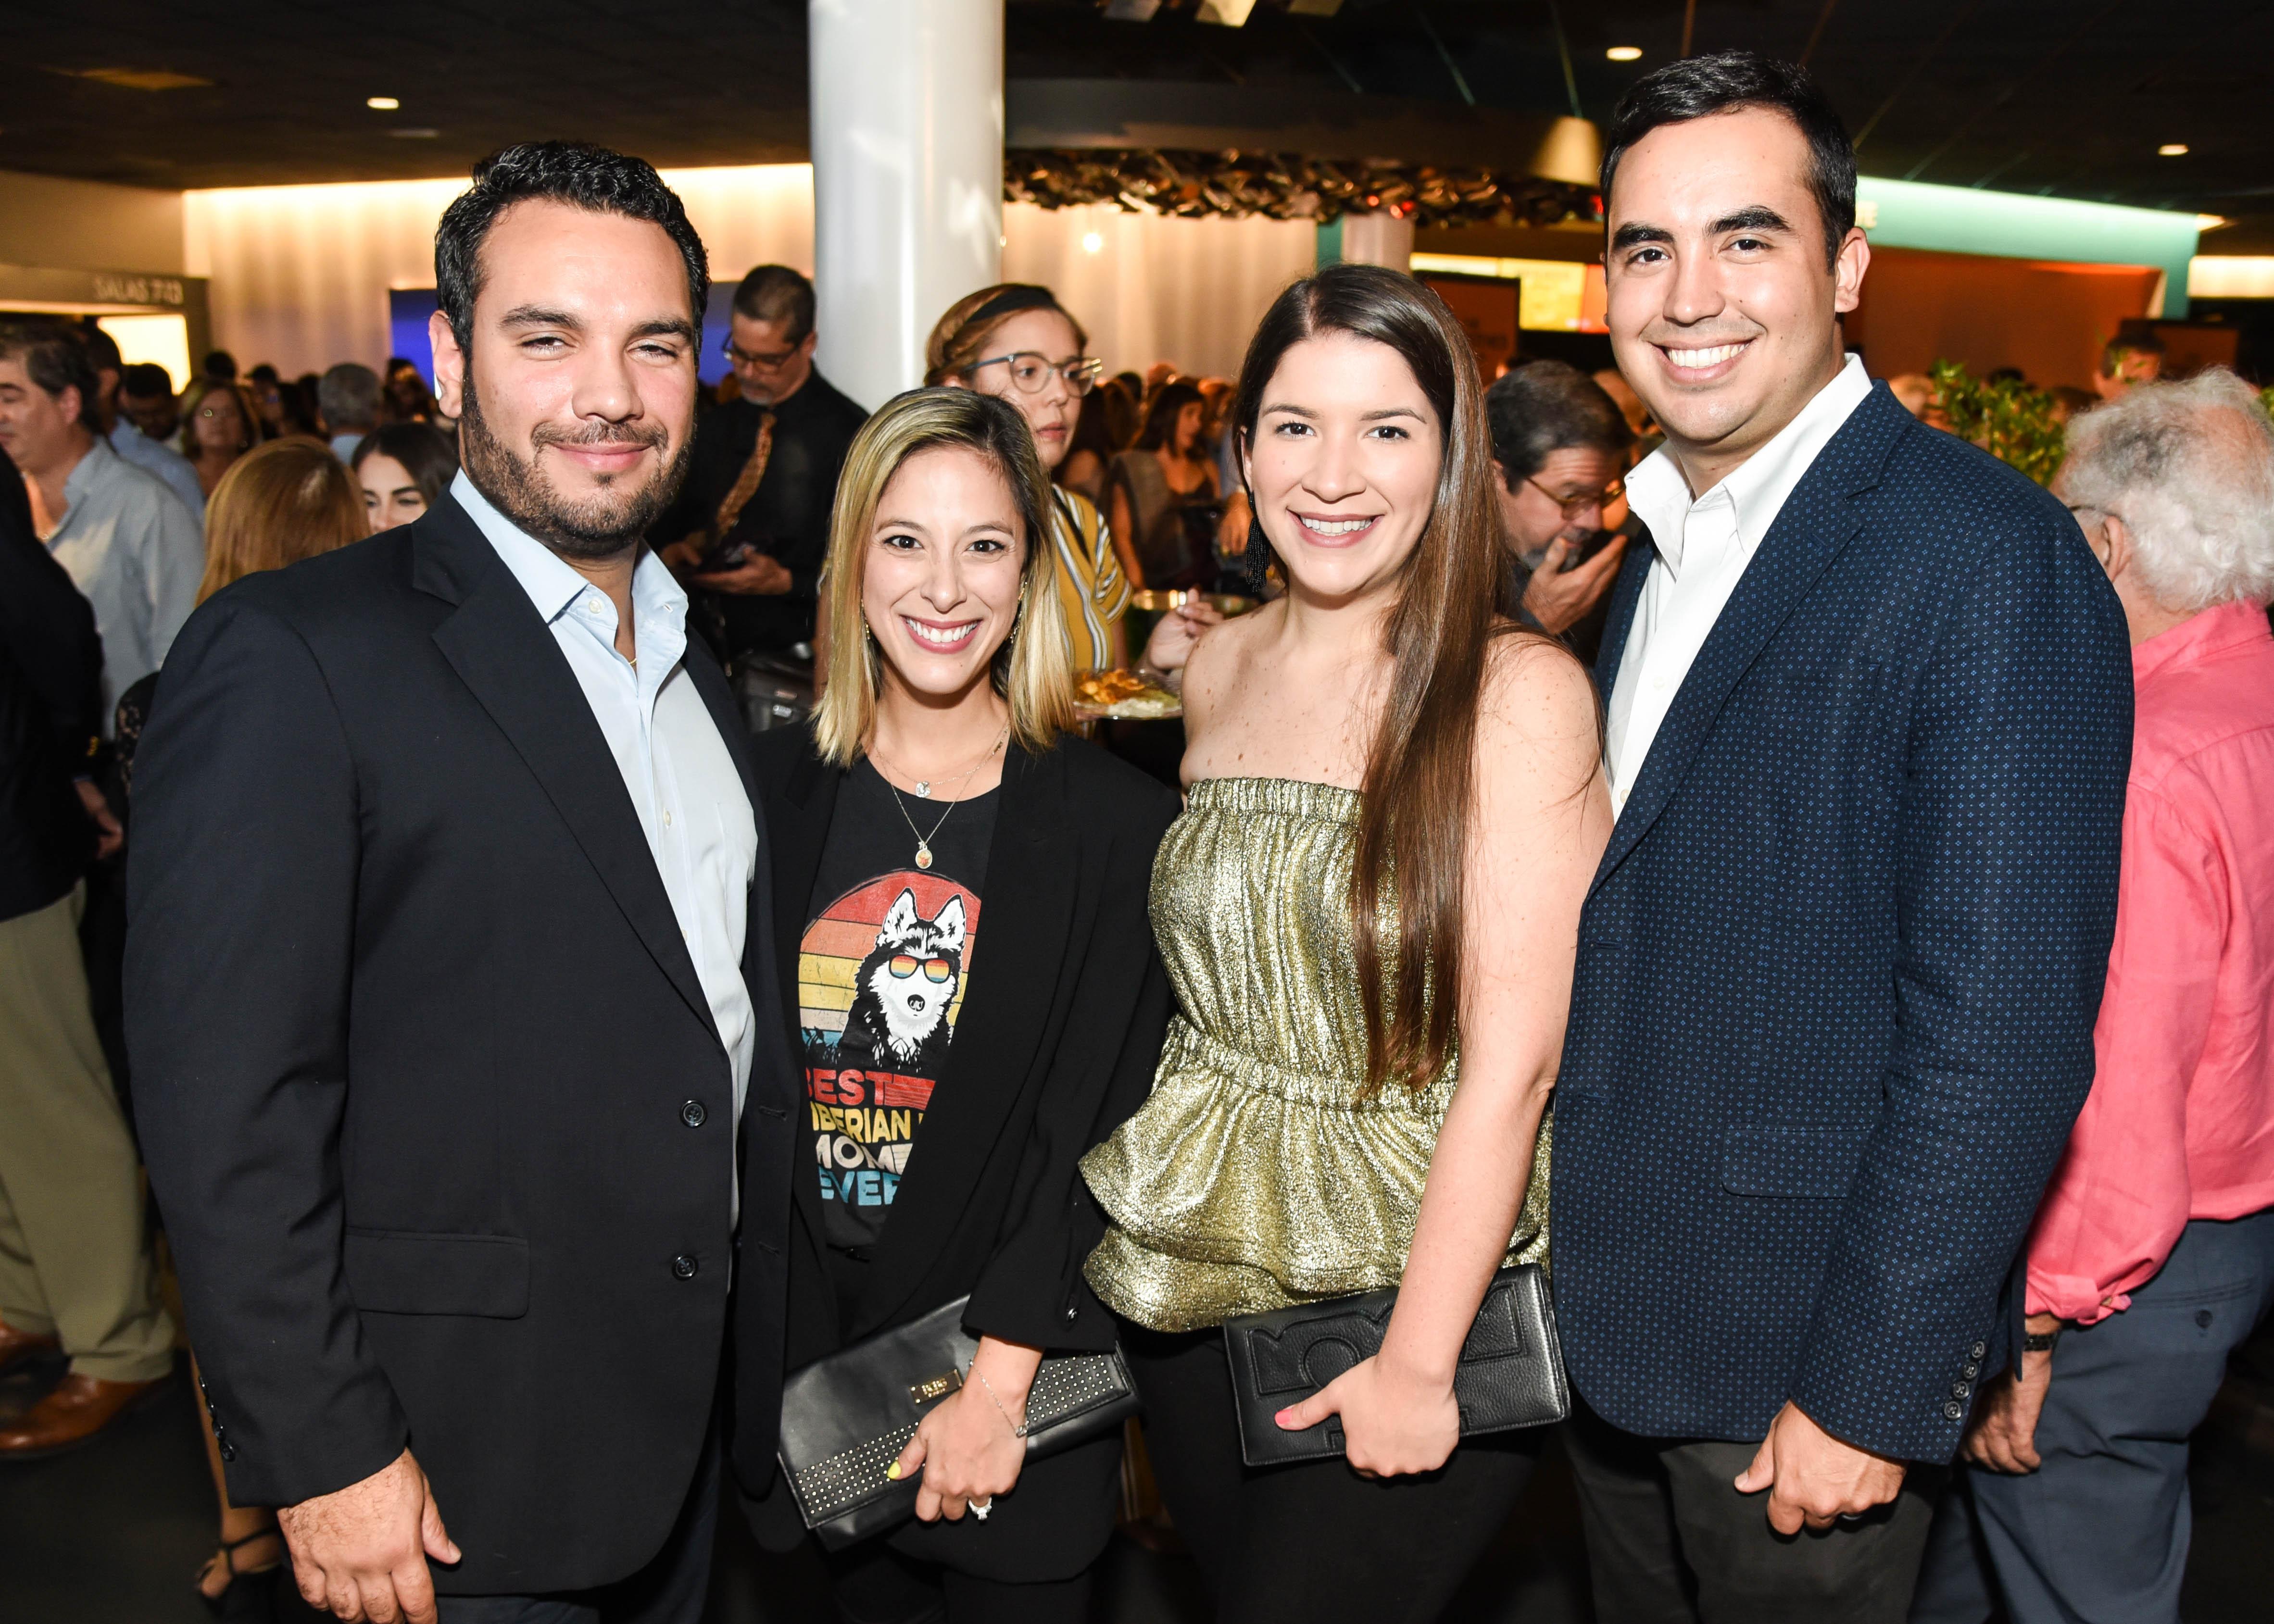 Ricardo Pabón, Viviana Ali, Sofia Saavedra y Juan Rosado. (Enid M. Salgado)